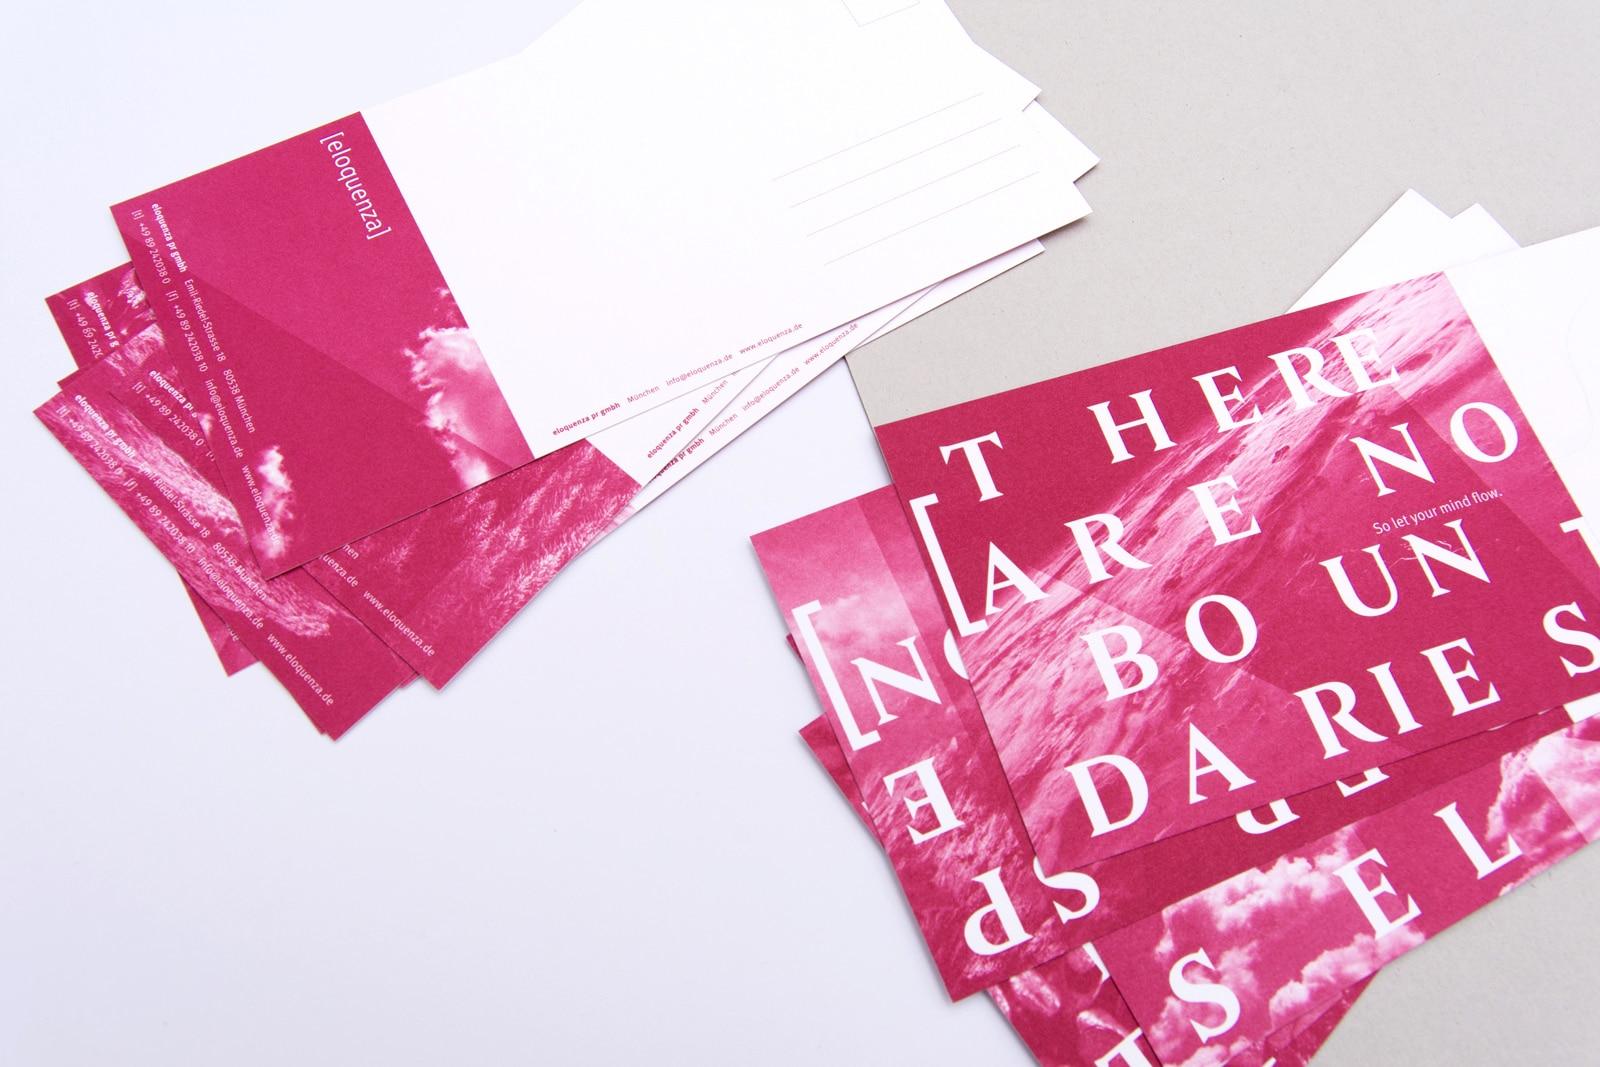 Compliment Cards Design für PR-Agentur